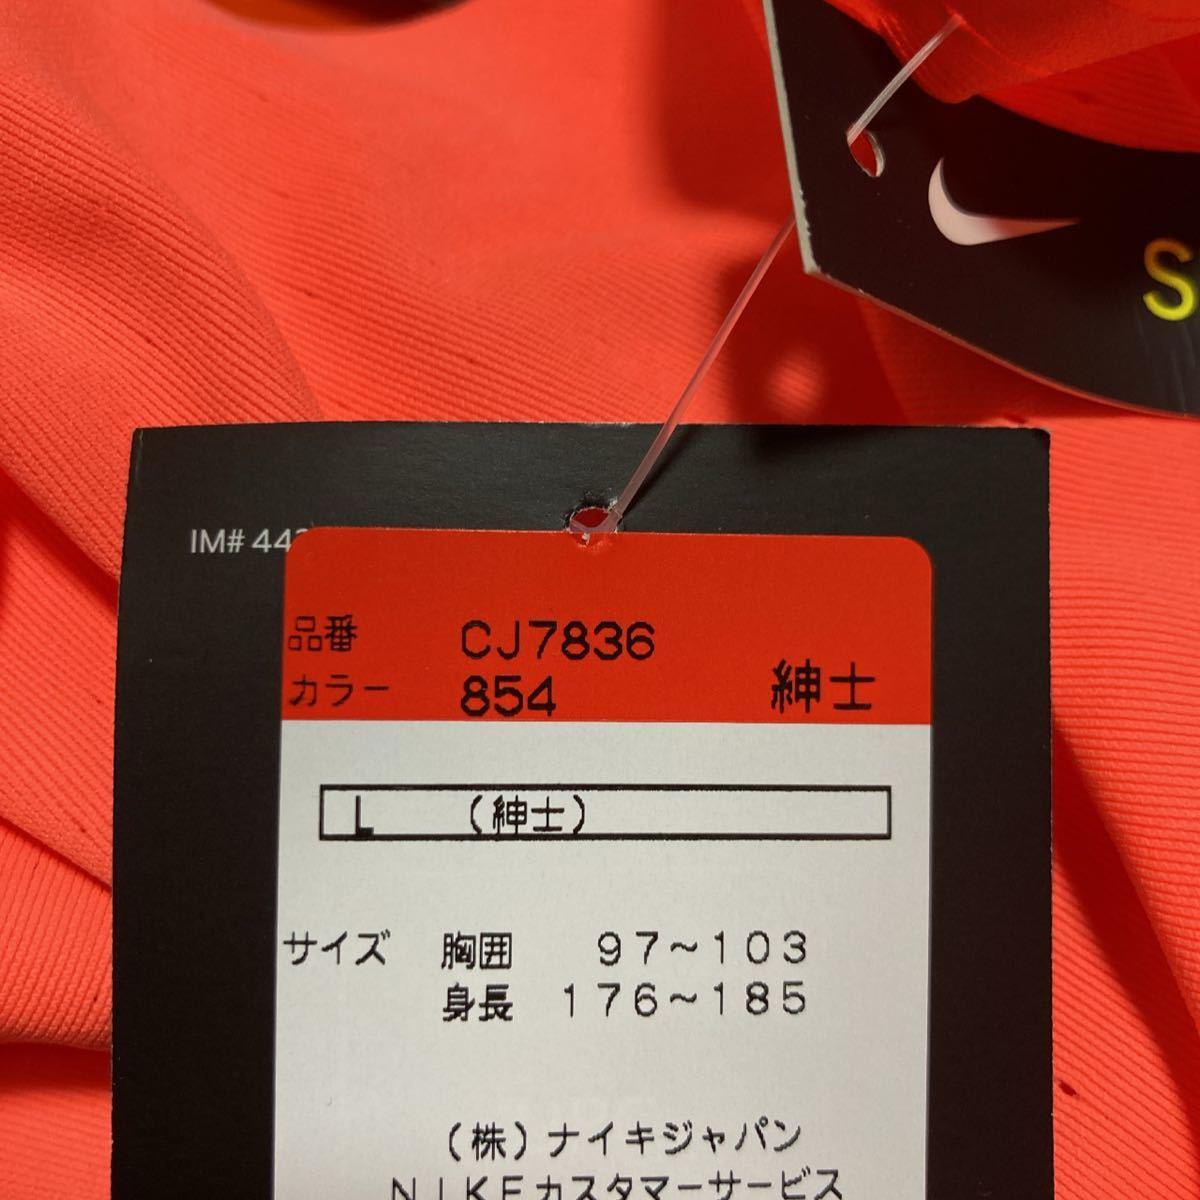 エアロスウィフト シングレット ランニング ウェア メンズL 定価8800円